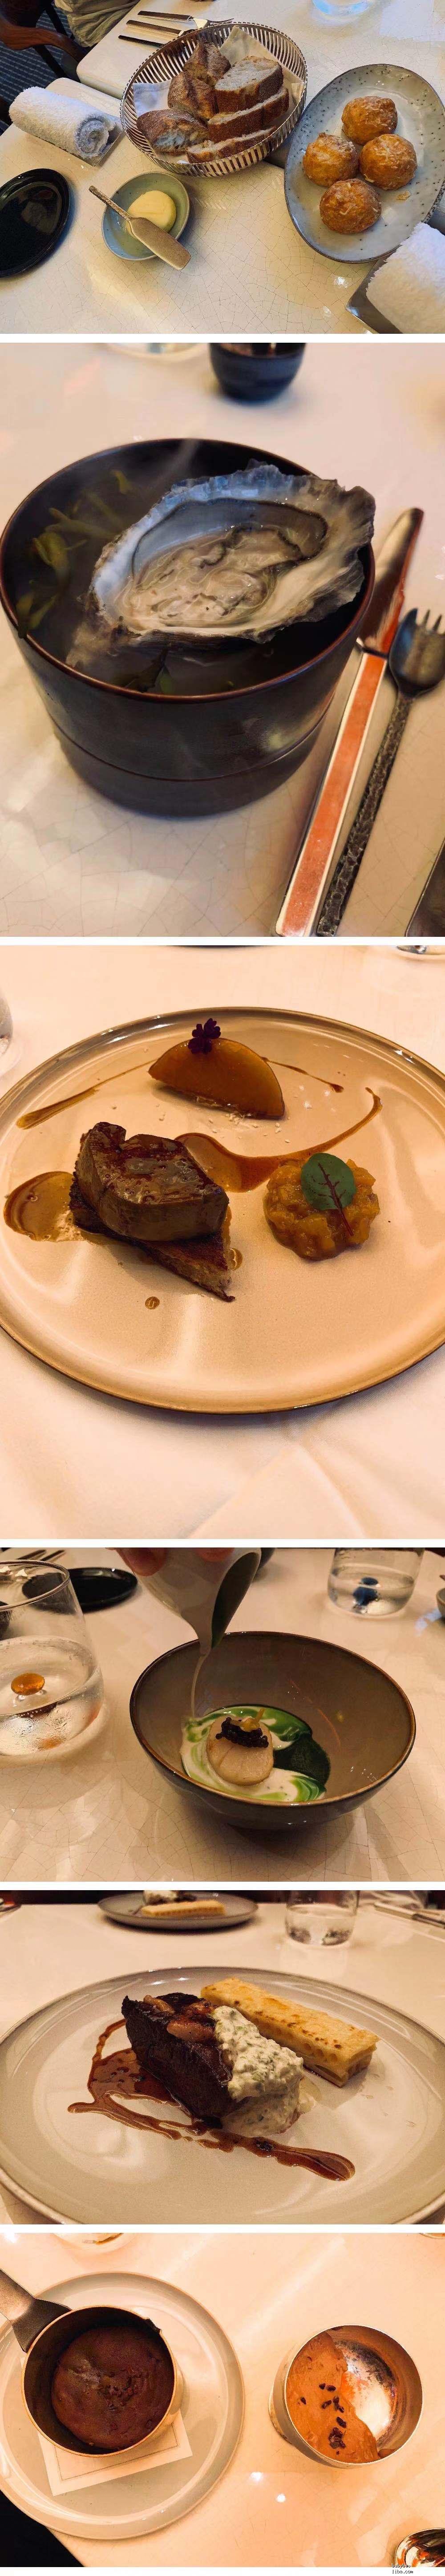 摩珀斯晚餐2.jpg